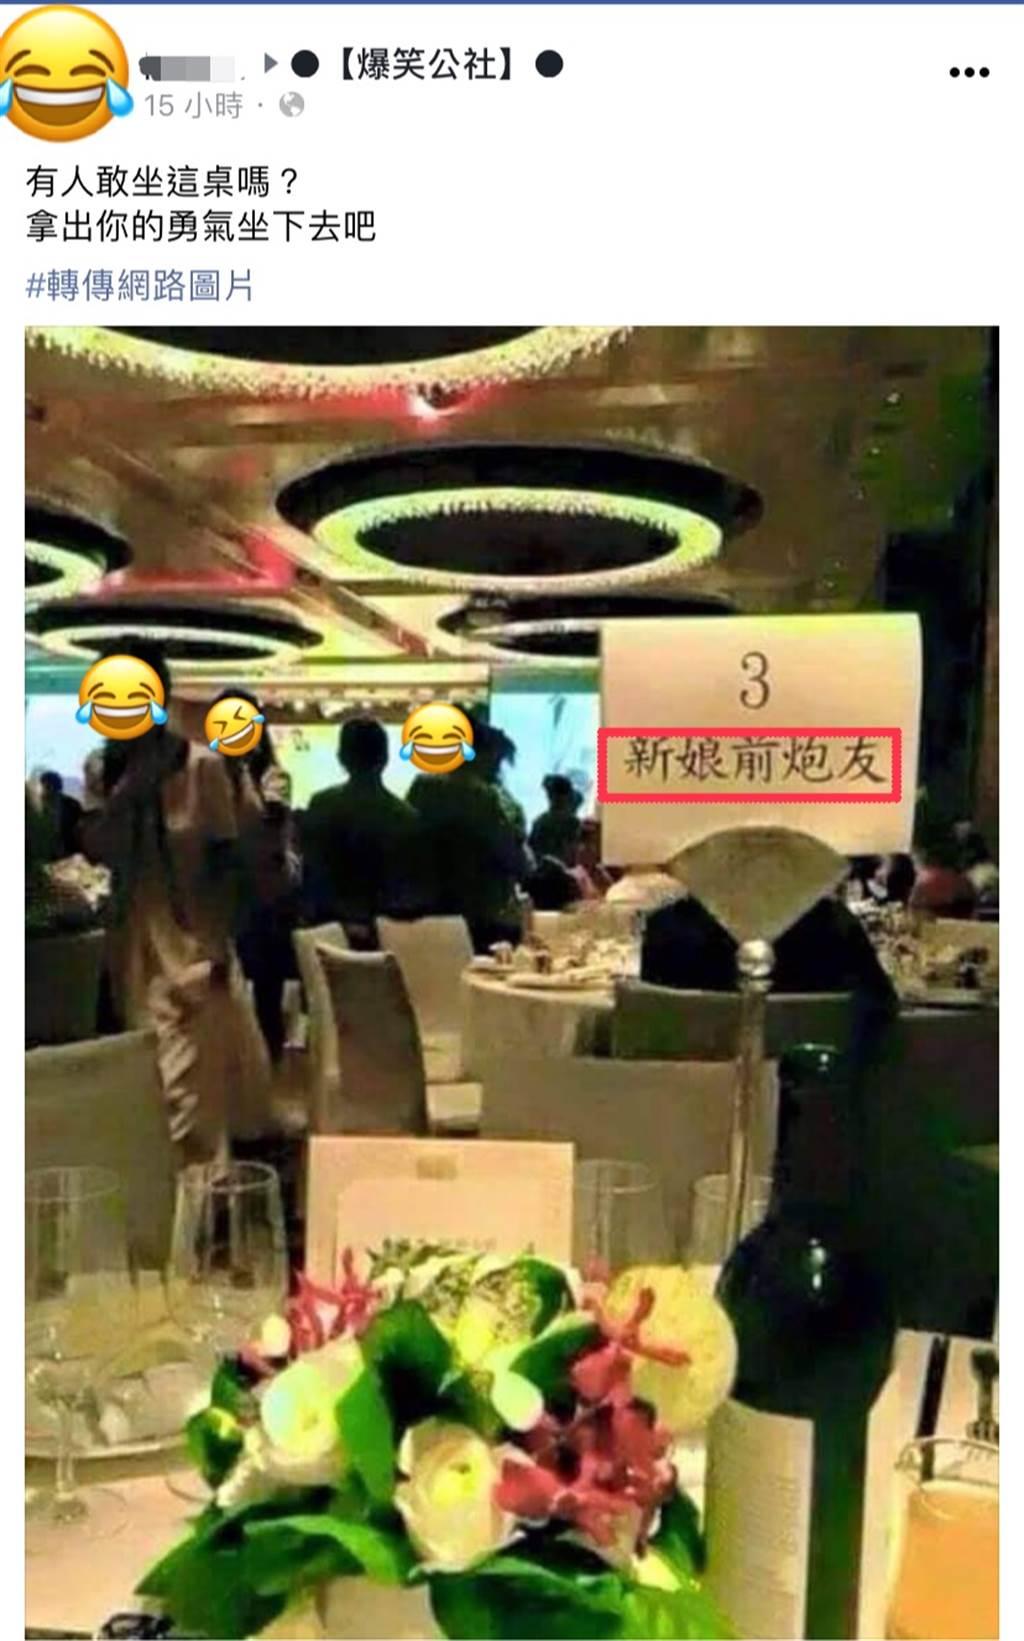 日前有网友分享一张照片,在婚宴现场,其中一桌特别醒目,因为上头的立牌写着大大5字,让不少网友看傻。(图撷取自爆笑公社)